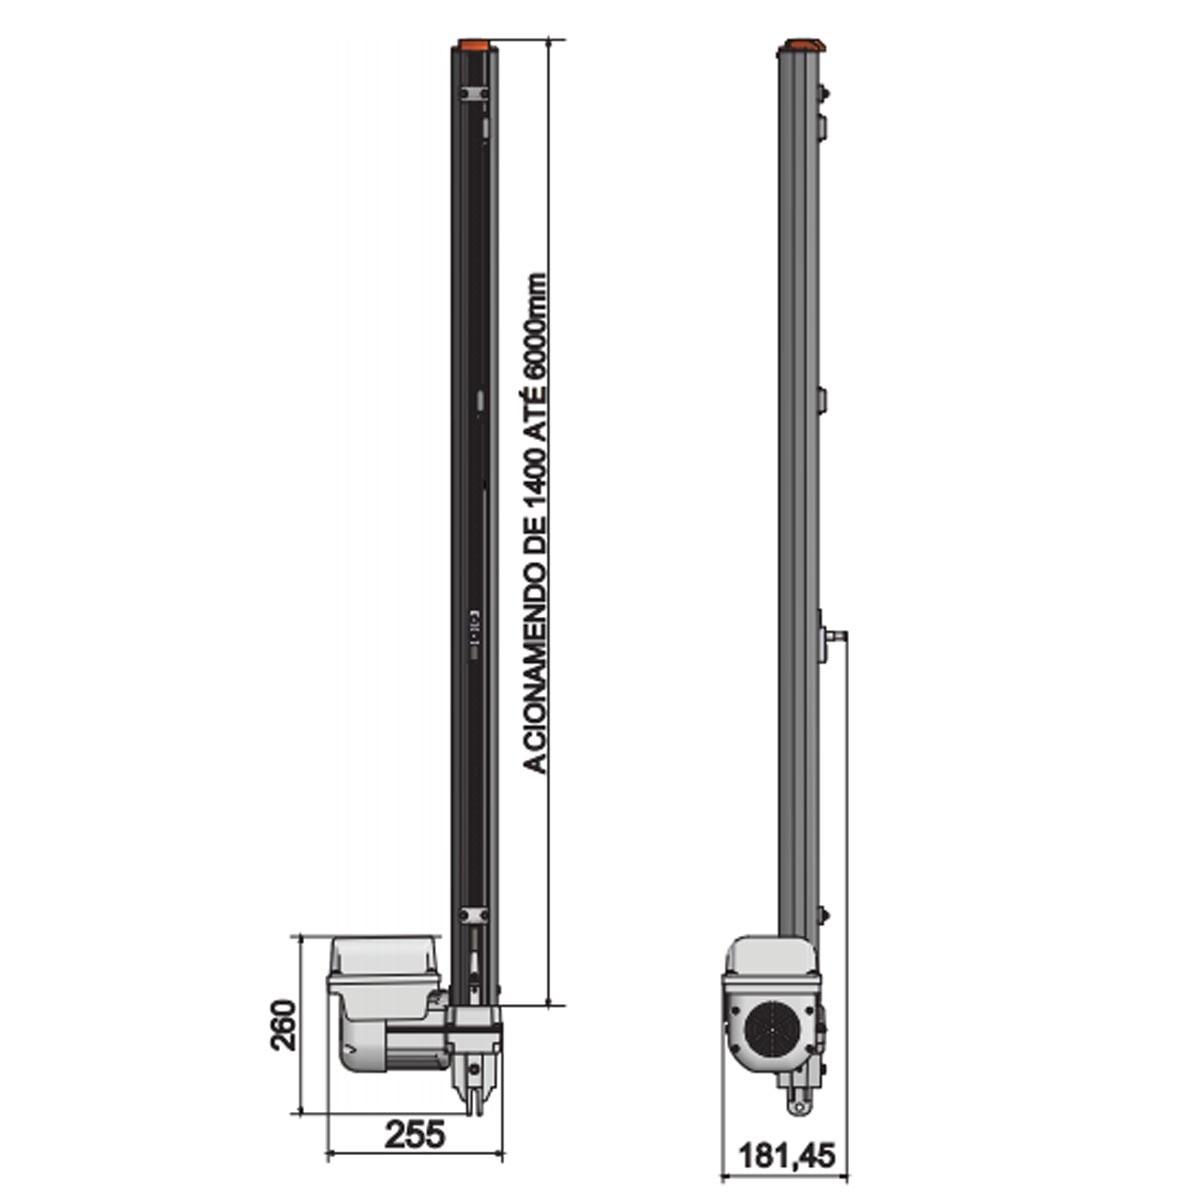 MOTOR BASCULANTE GAREN DUO 1/3 220V F06163-GCT